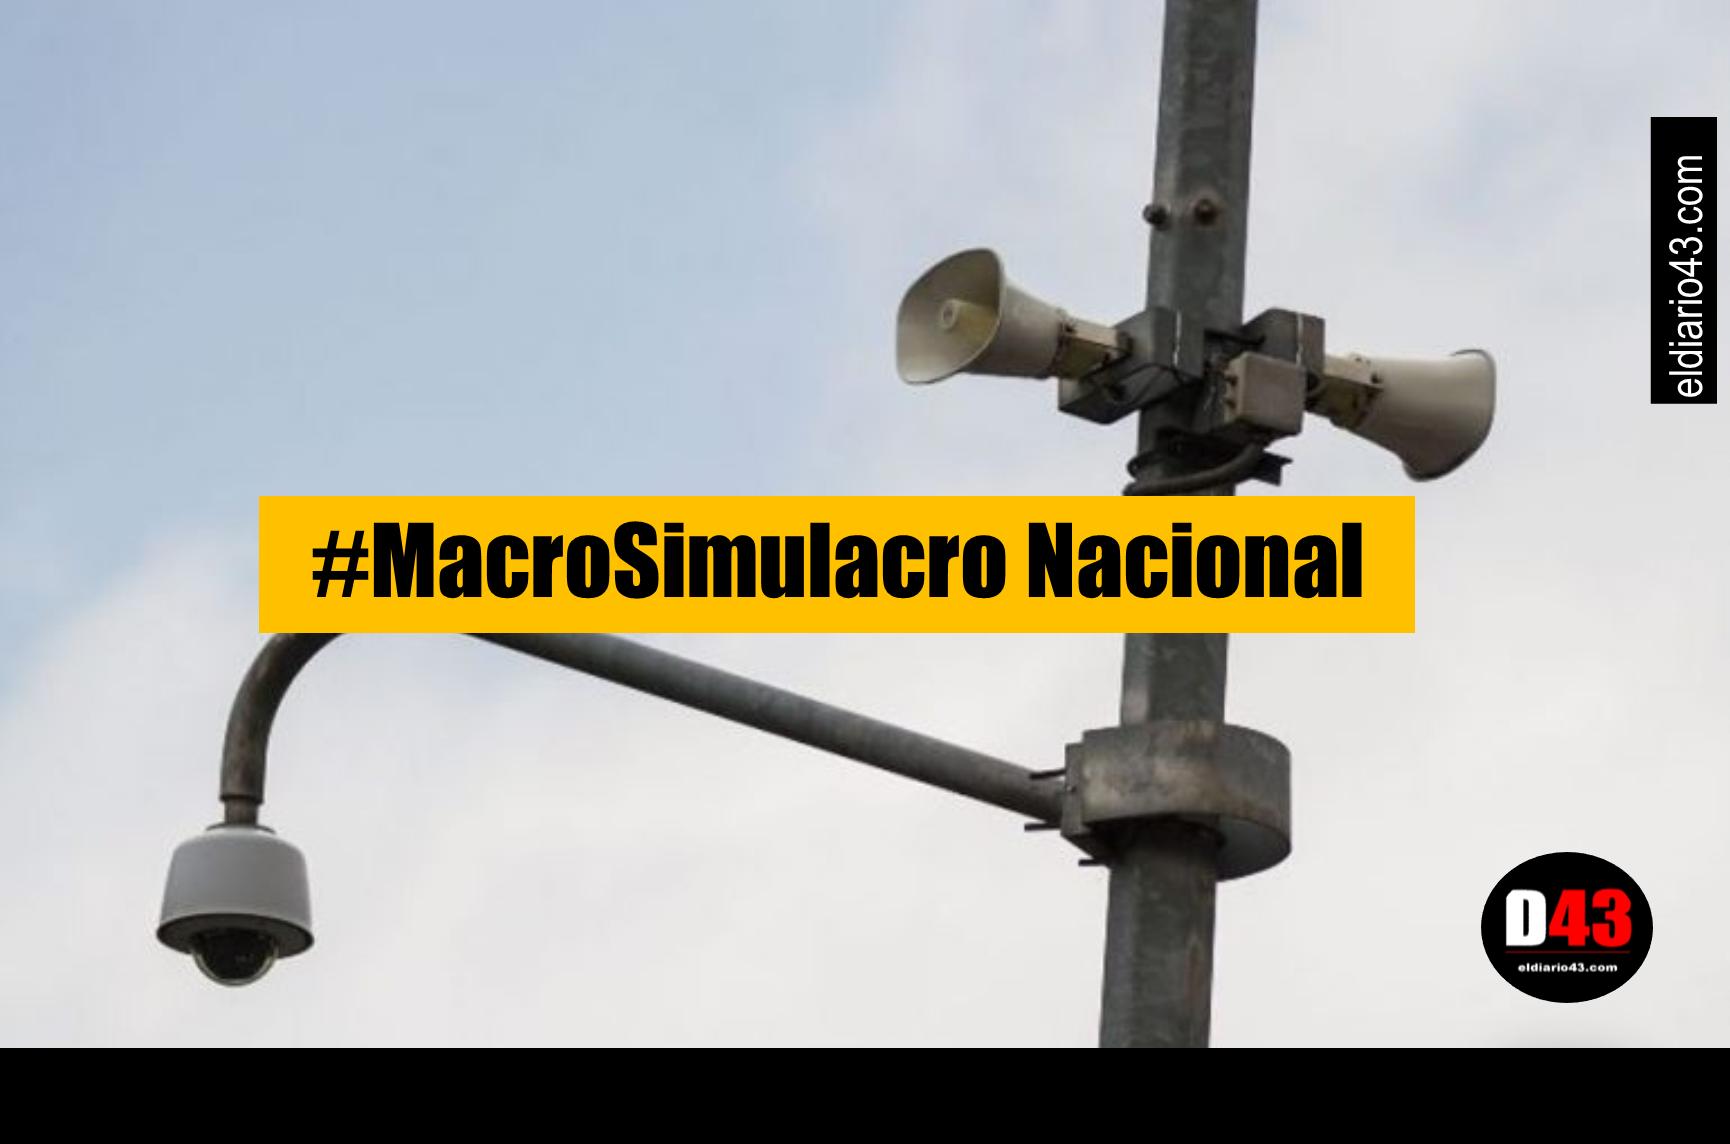 18 estados en acción con #Macrosimulacro 2019